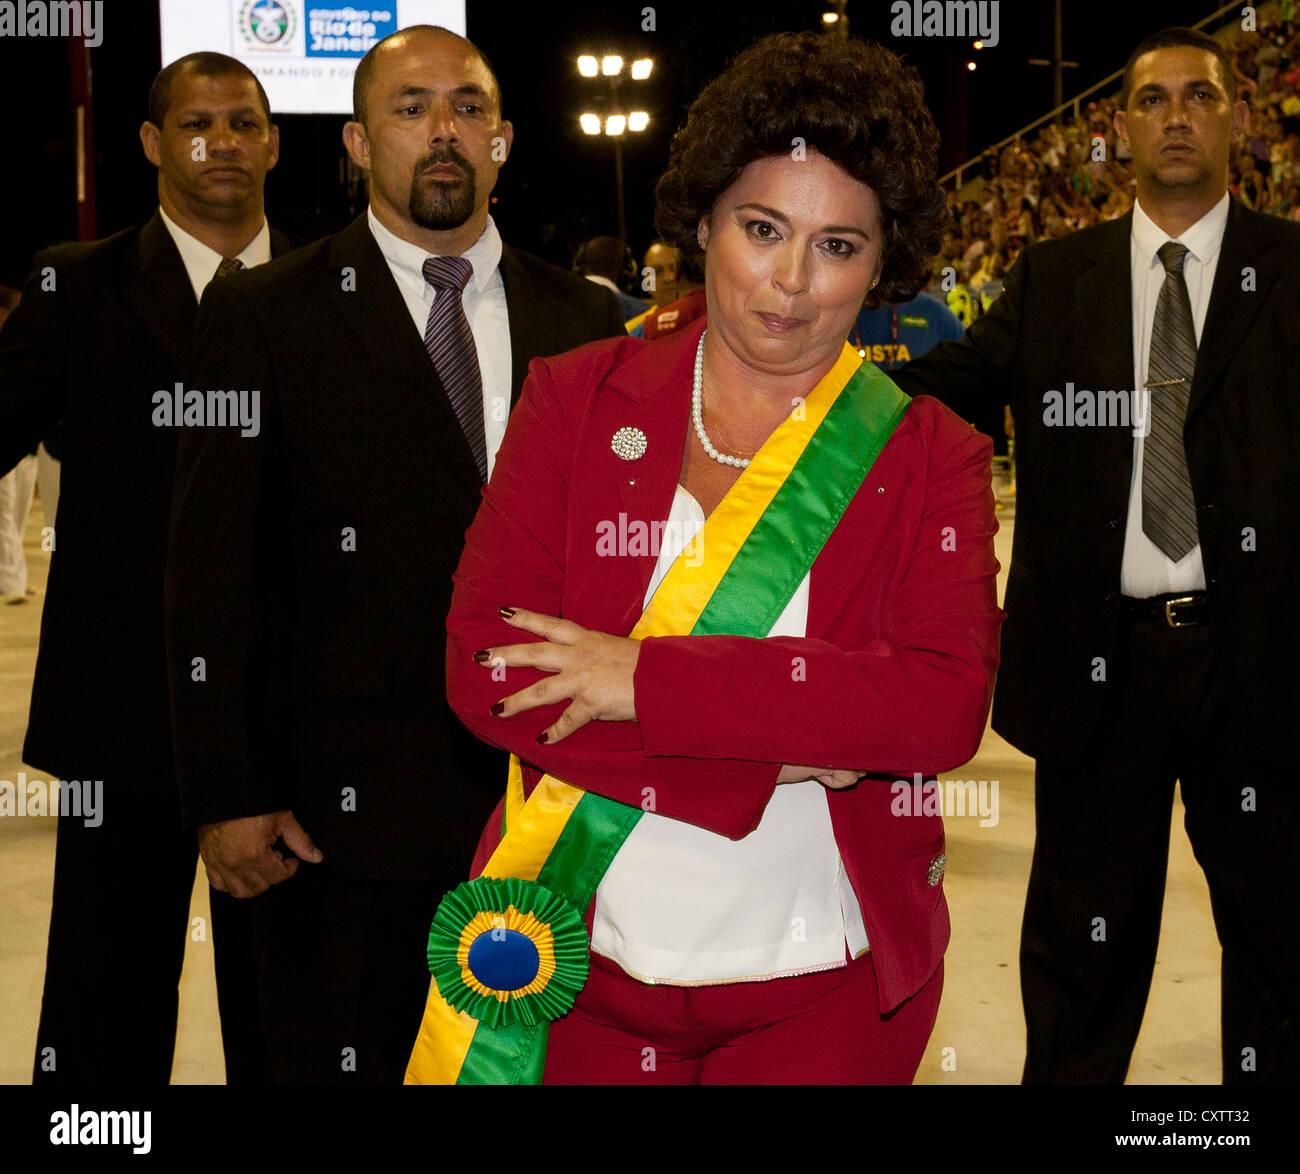 President of Brazil Dilma Rousseff attending Carnival Rio de Janeiro Brazil in 2012 - Stock Image